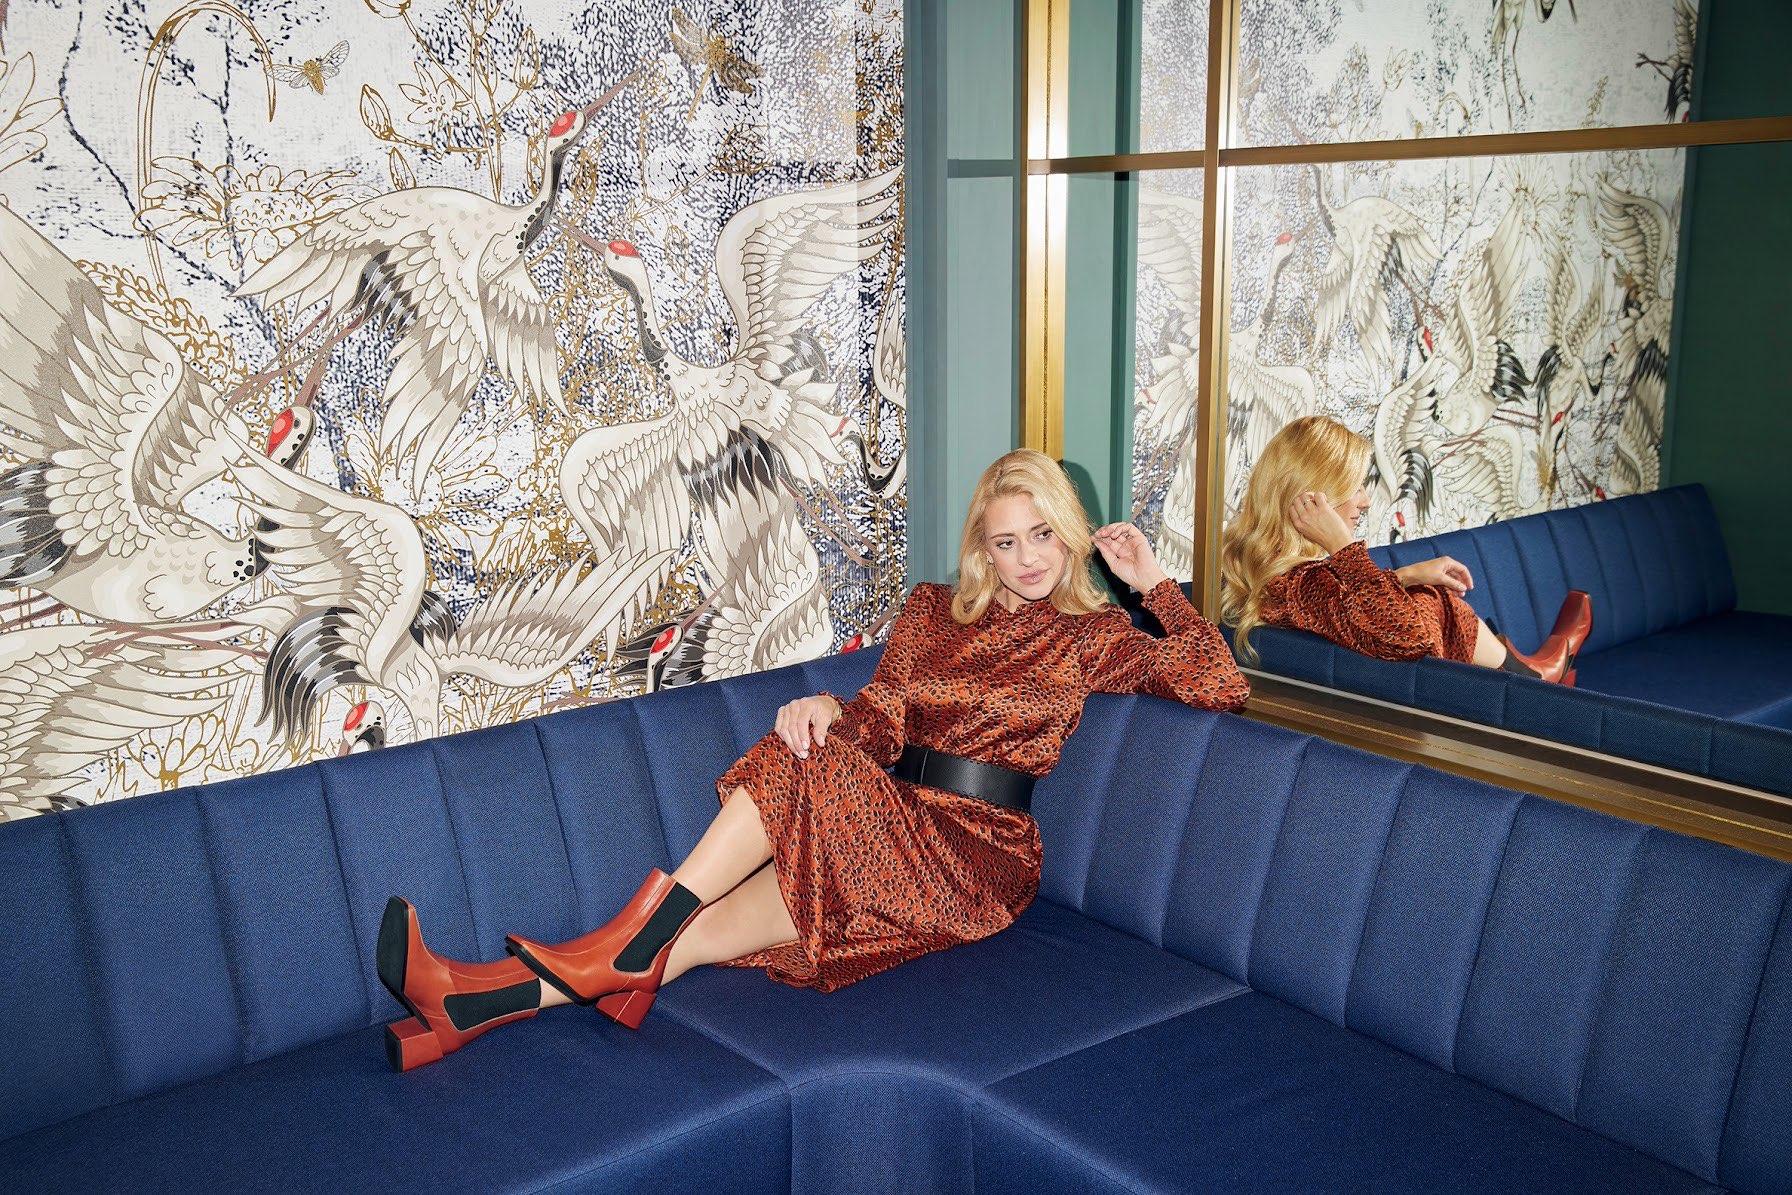 Bild zum Make up & Fashion Blog - neue-arbeit-von-julia-f--r-ochsner-shoes-ID14716-01.jpeg?v=1633511586